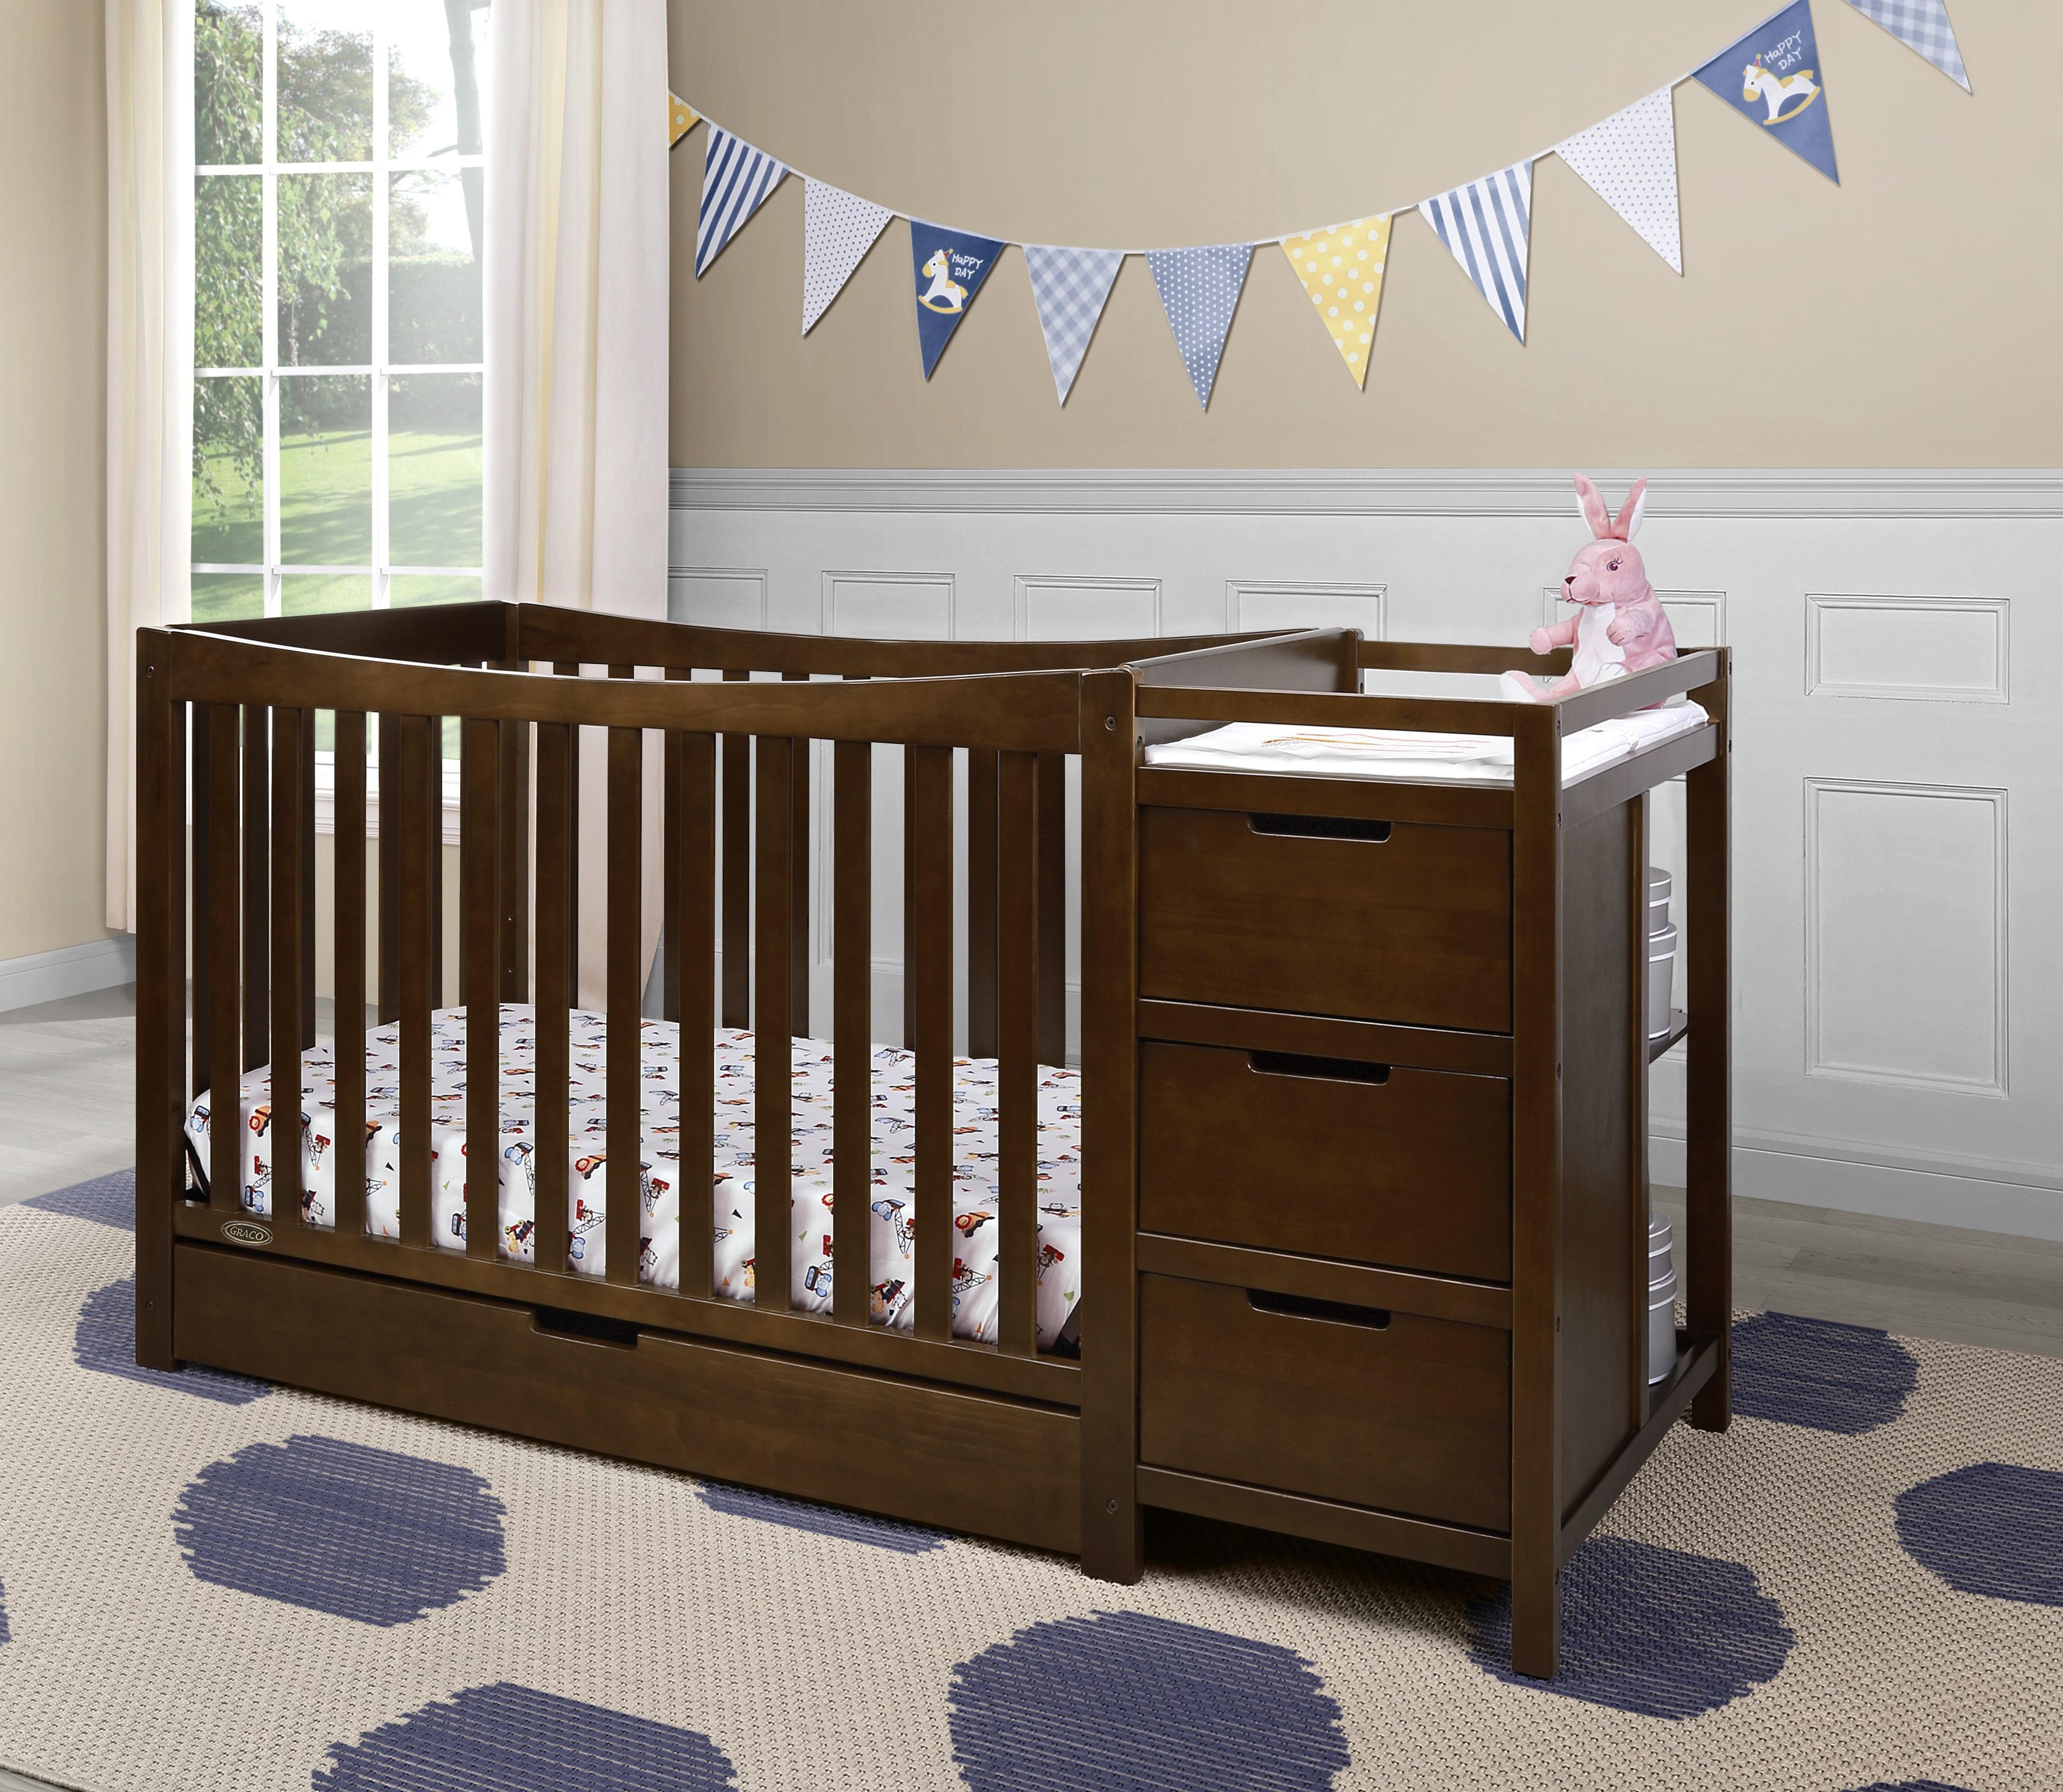 Amazon.com : Graco Remi 4-in-1 Convertible Crib and ...